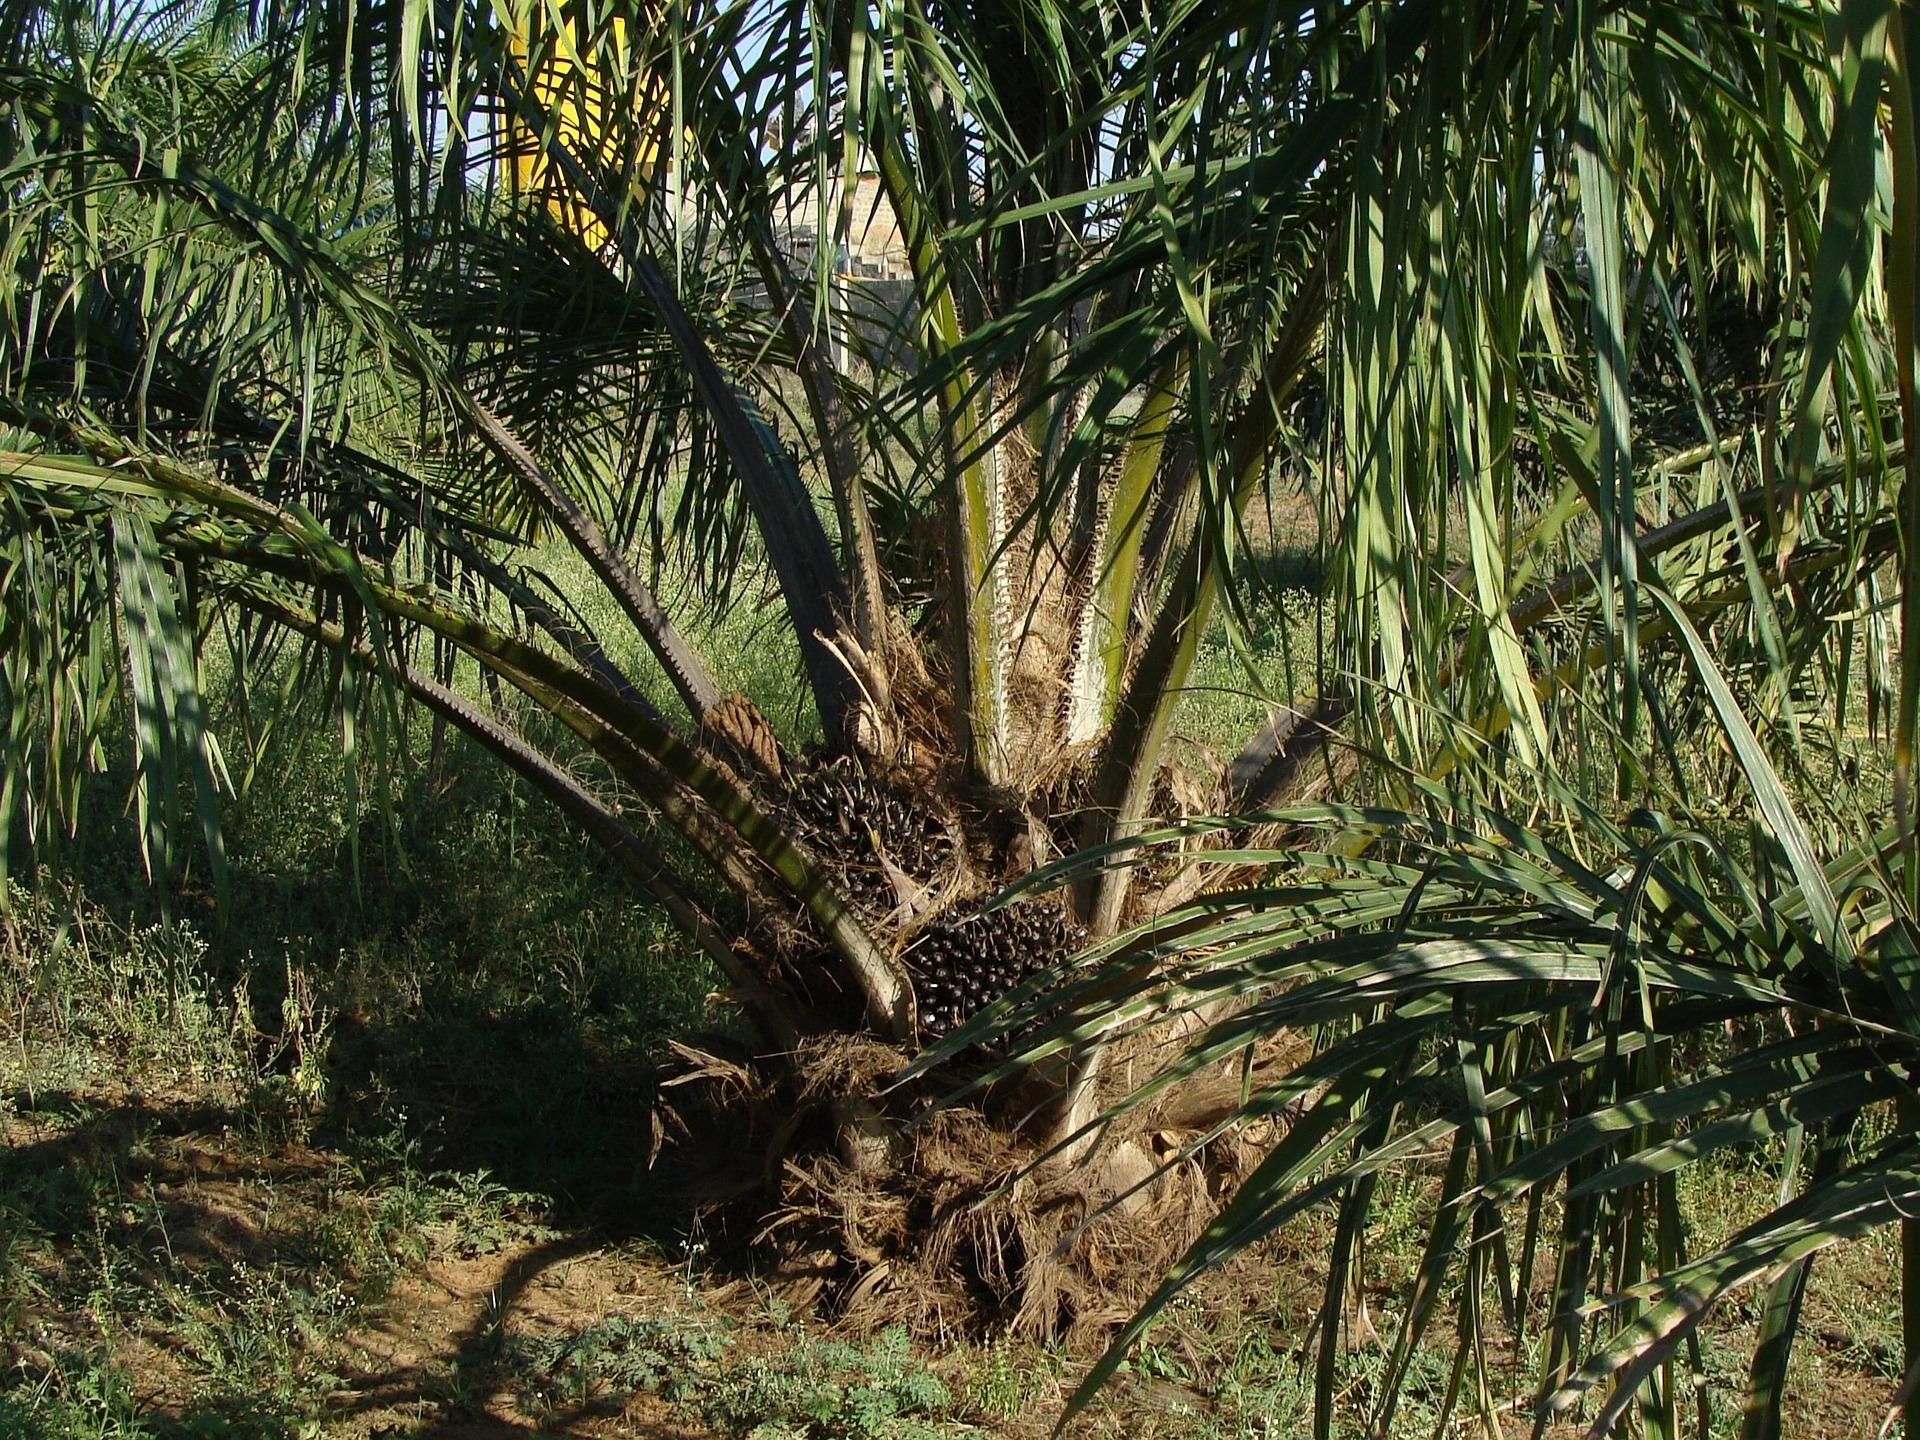 Olej palmowy – przyjaciel czy wróg?